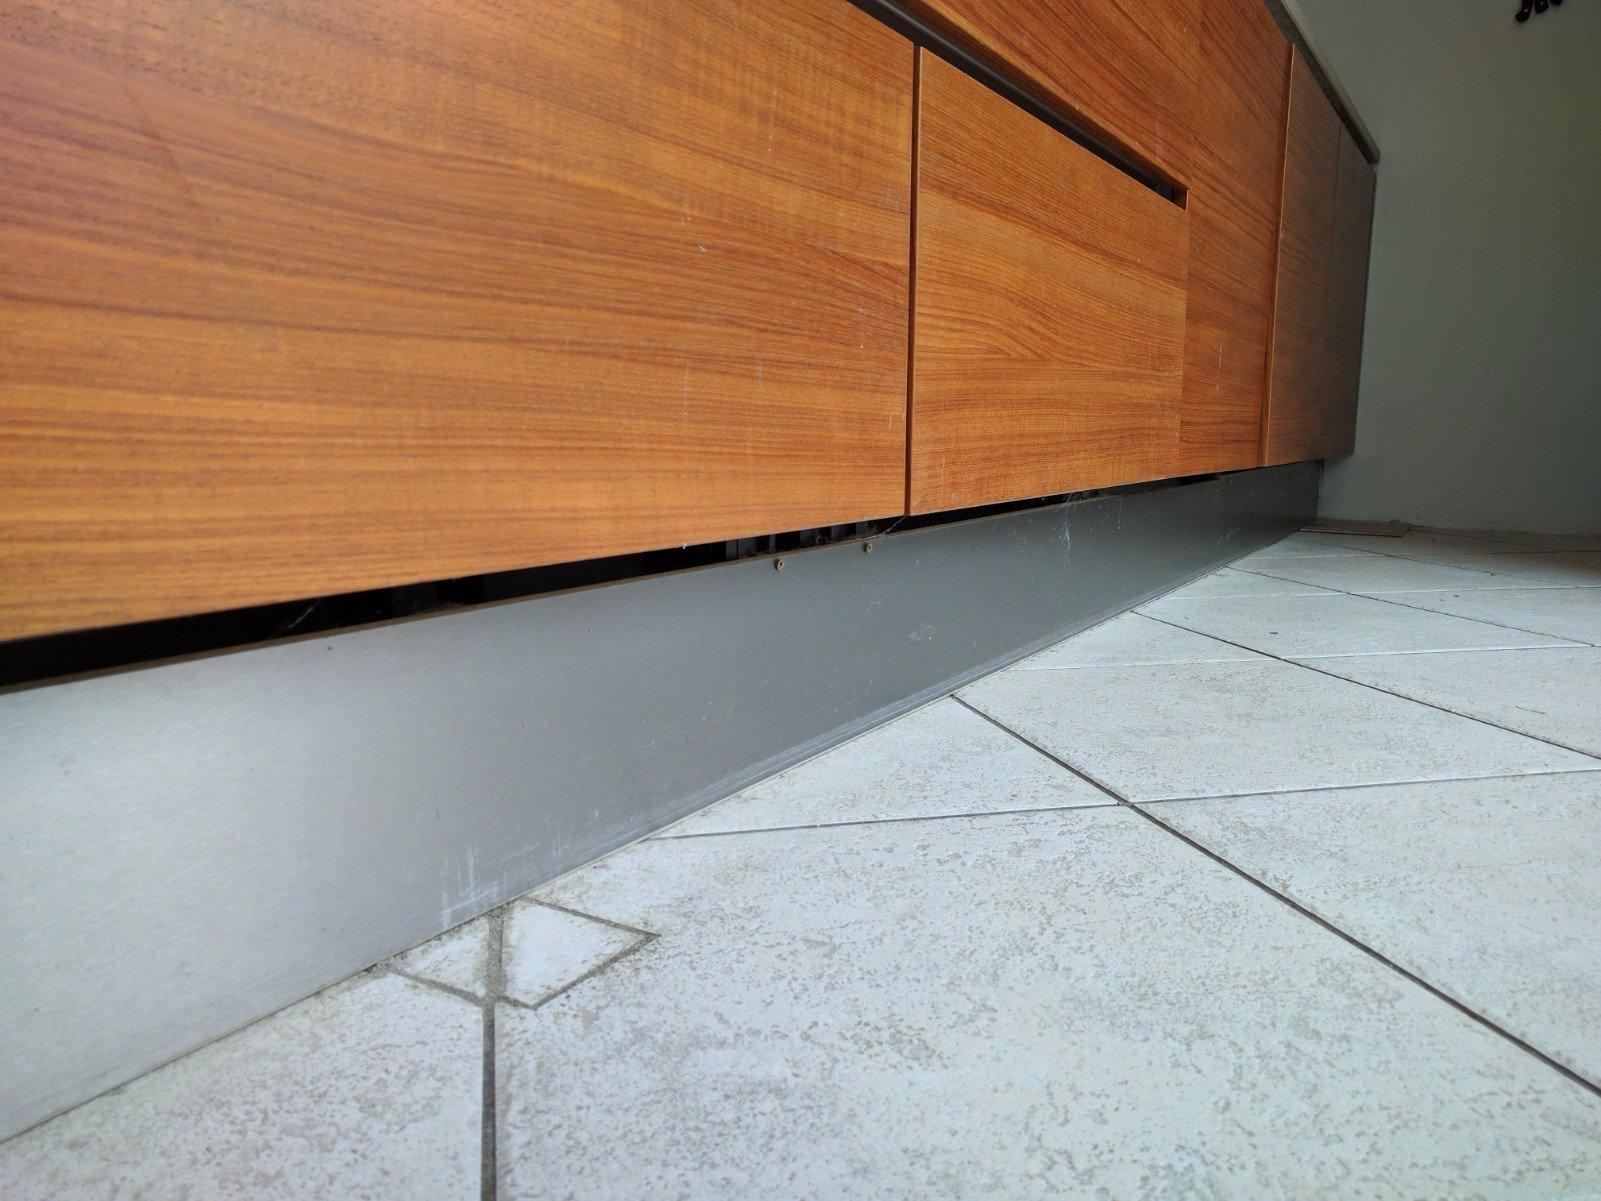 Leggen laminaat en hoge plinten op bestaande tegelvloer werkspot